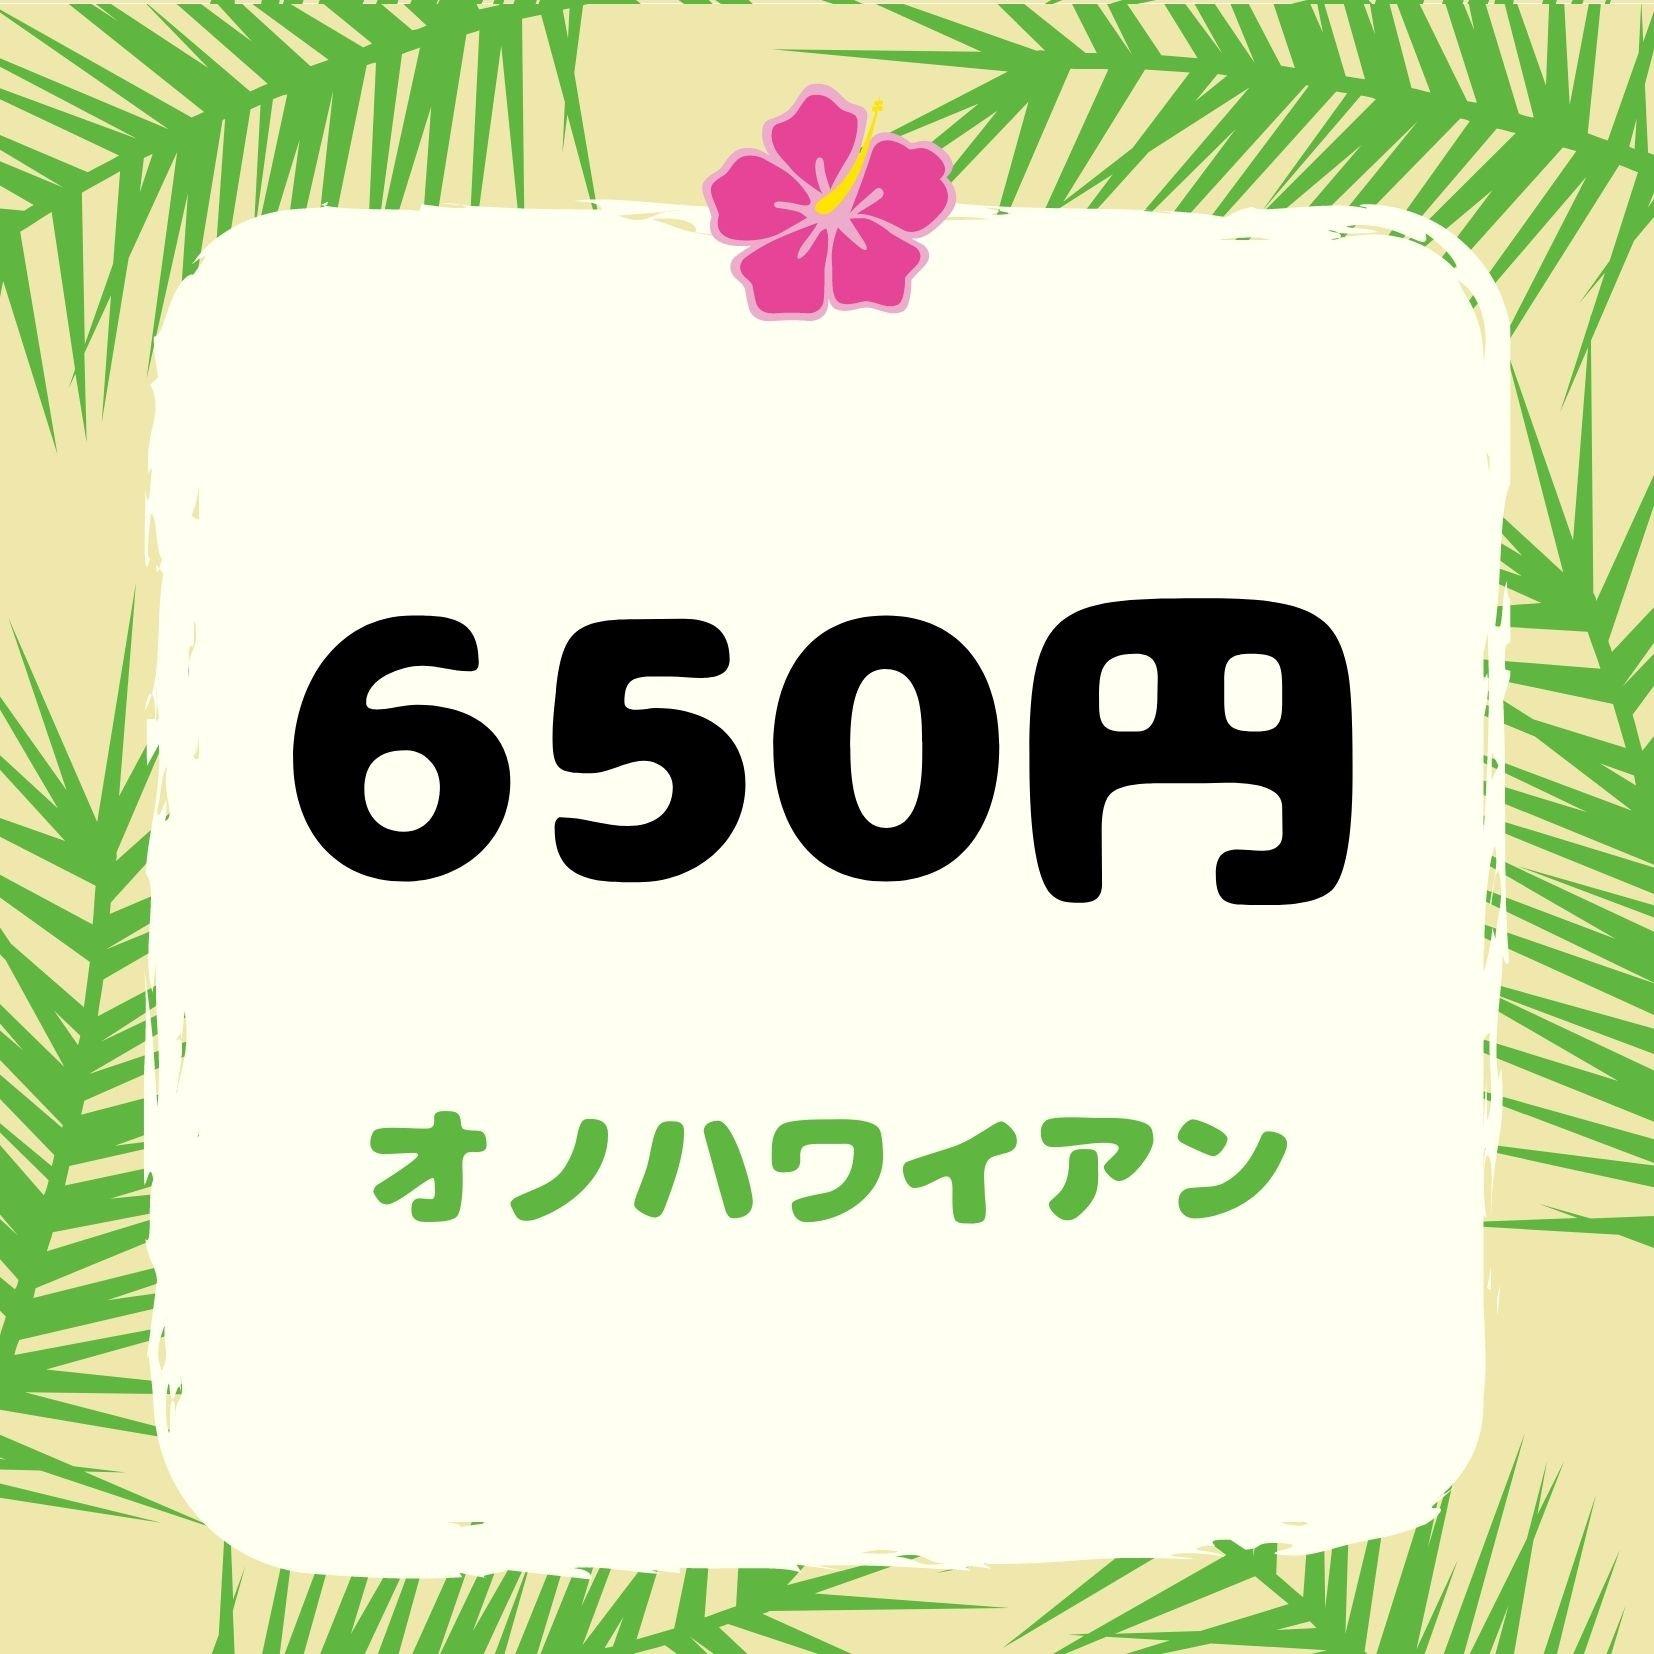 650円【店頭払い専用】カキ氷マンゴミルク、抹茶等のイメージその1